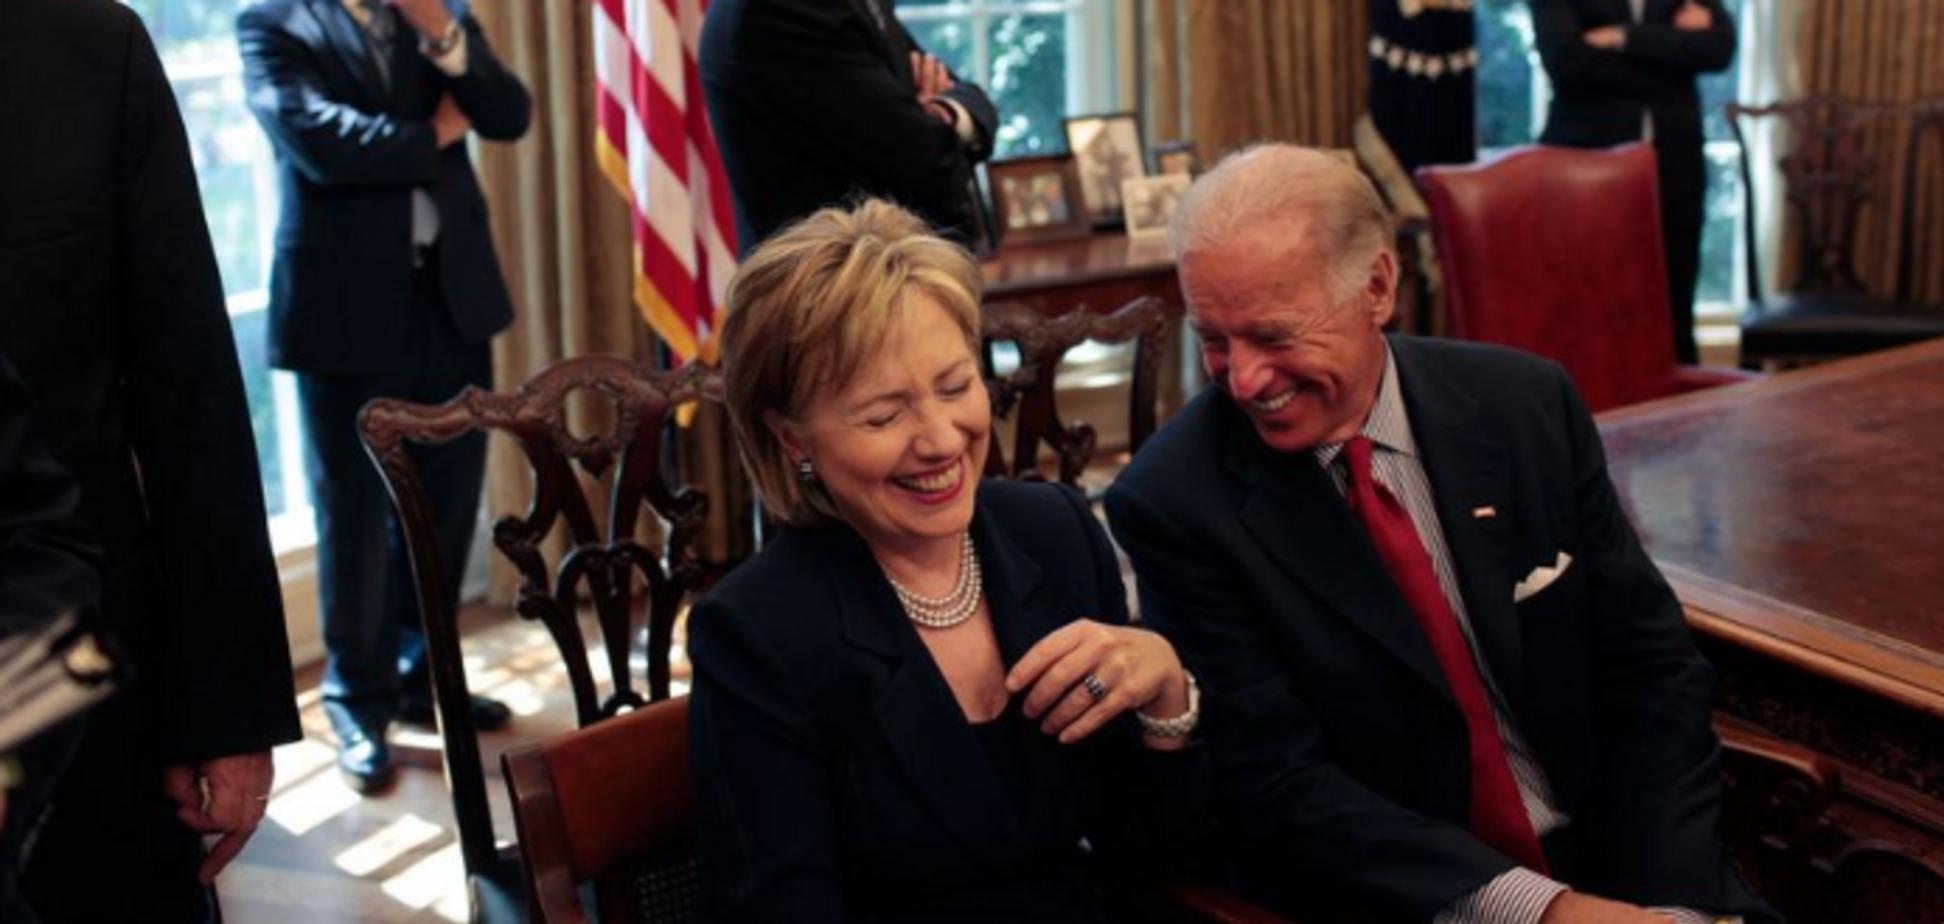 Клінтон висловила підтримку Байдену на виборах президента США